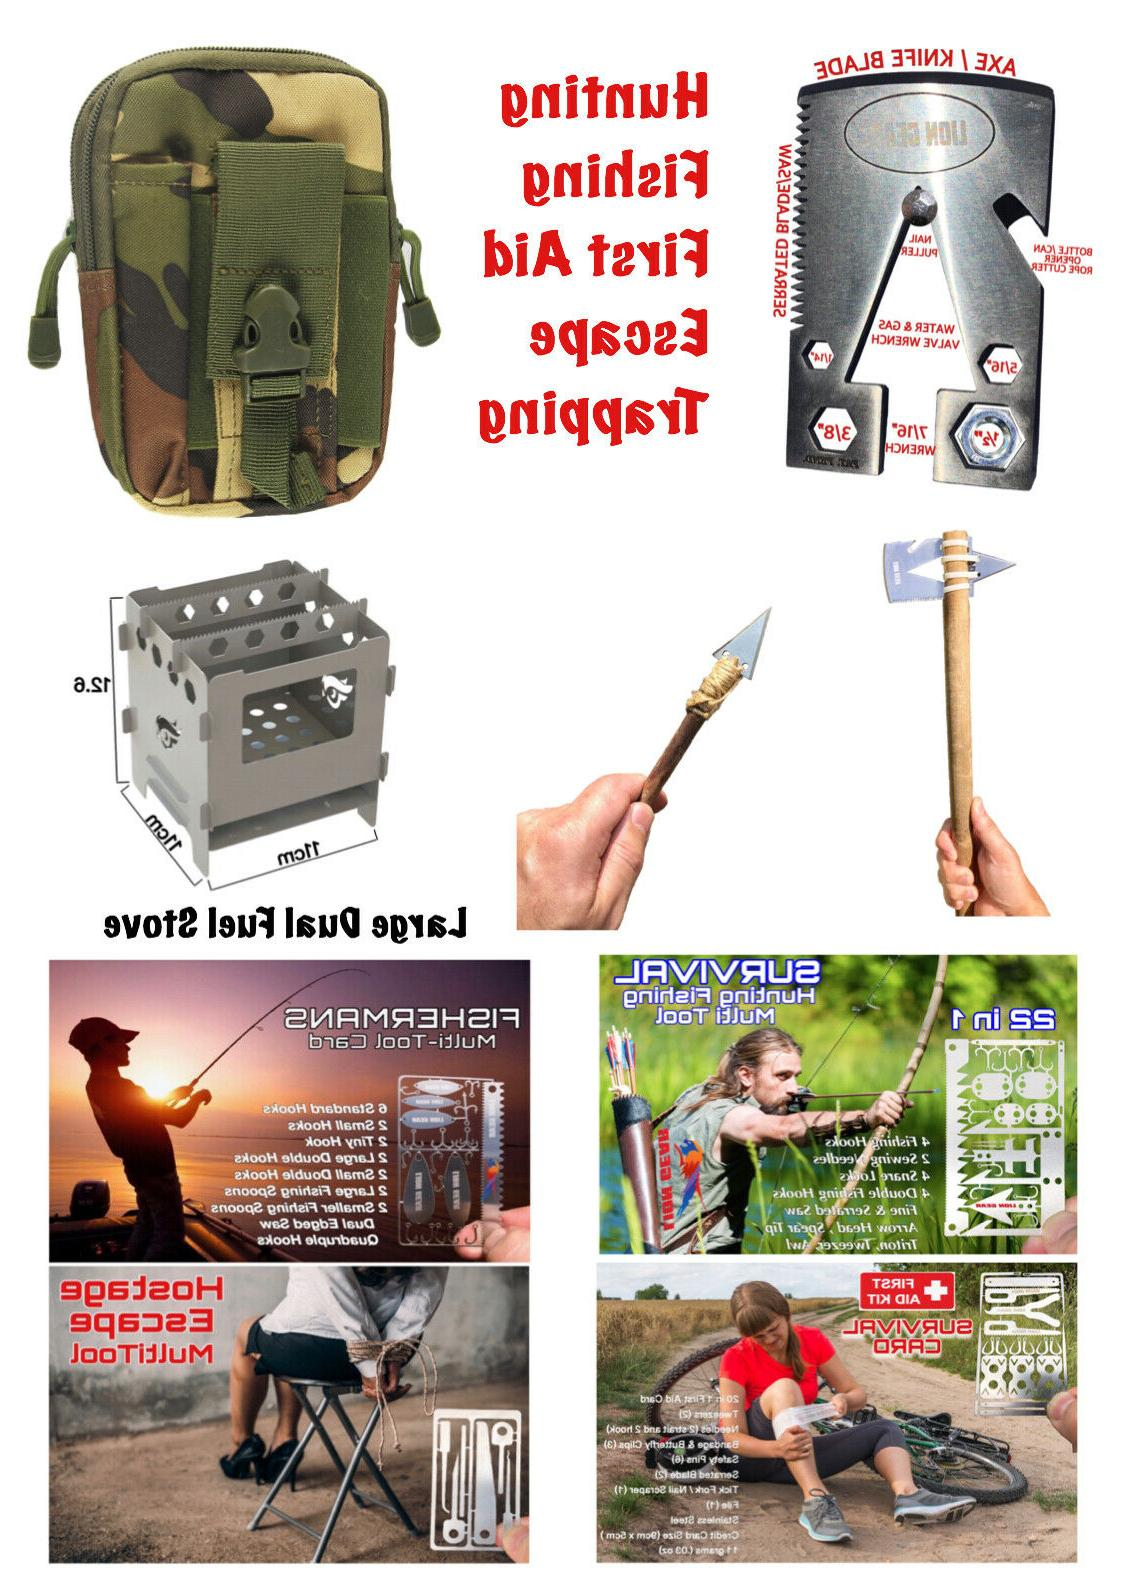 edc survival multi tool combo kit